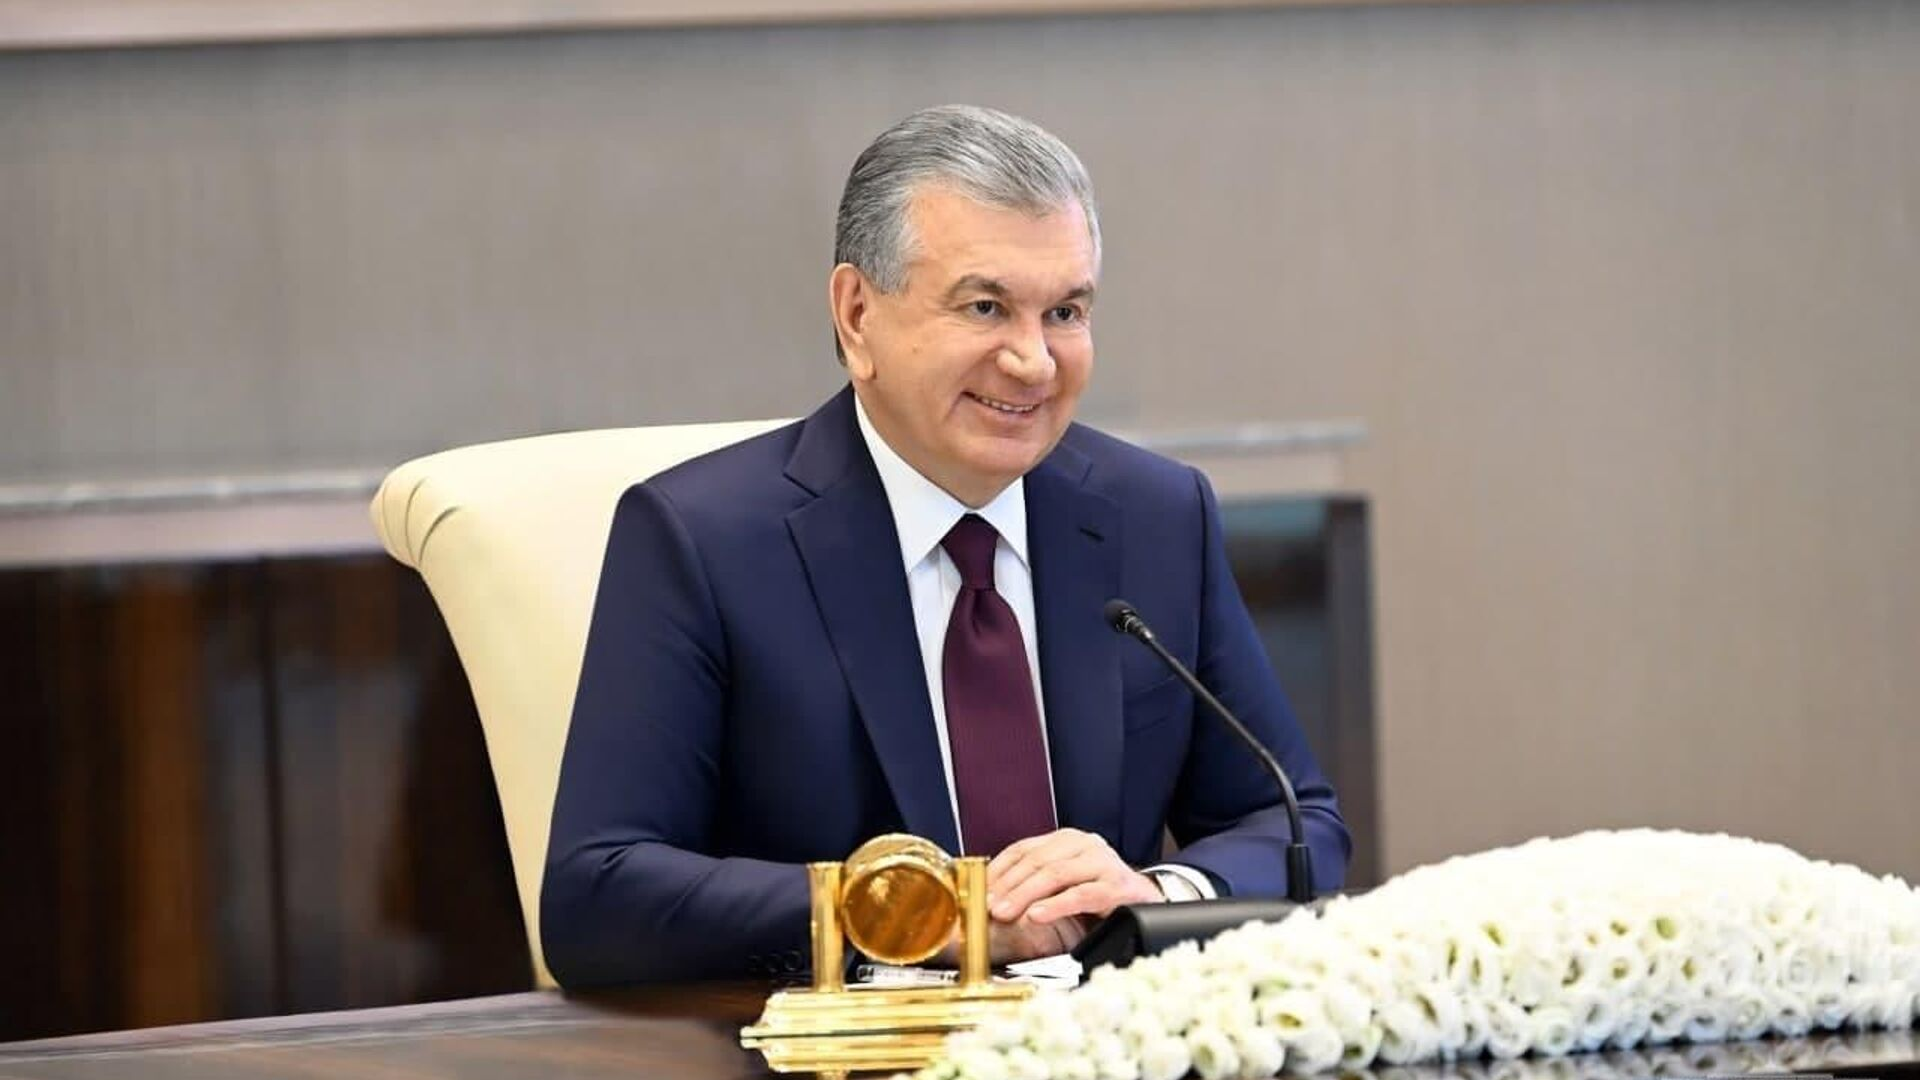 Президент Узбекистана Шавкат Мирзиёев принял члена Государственного совета, министра иностранных дел Китайской Народной Республики Ван И - Sputnik Узбекистан, 1920, 24.07.2021